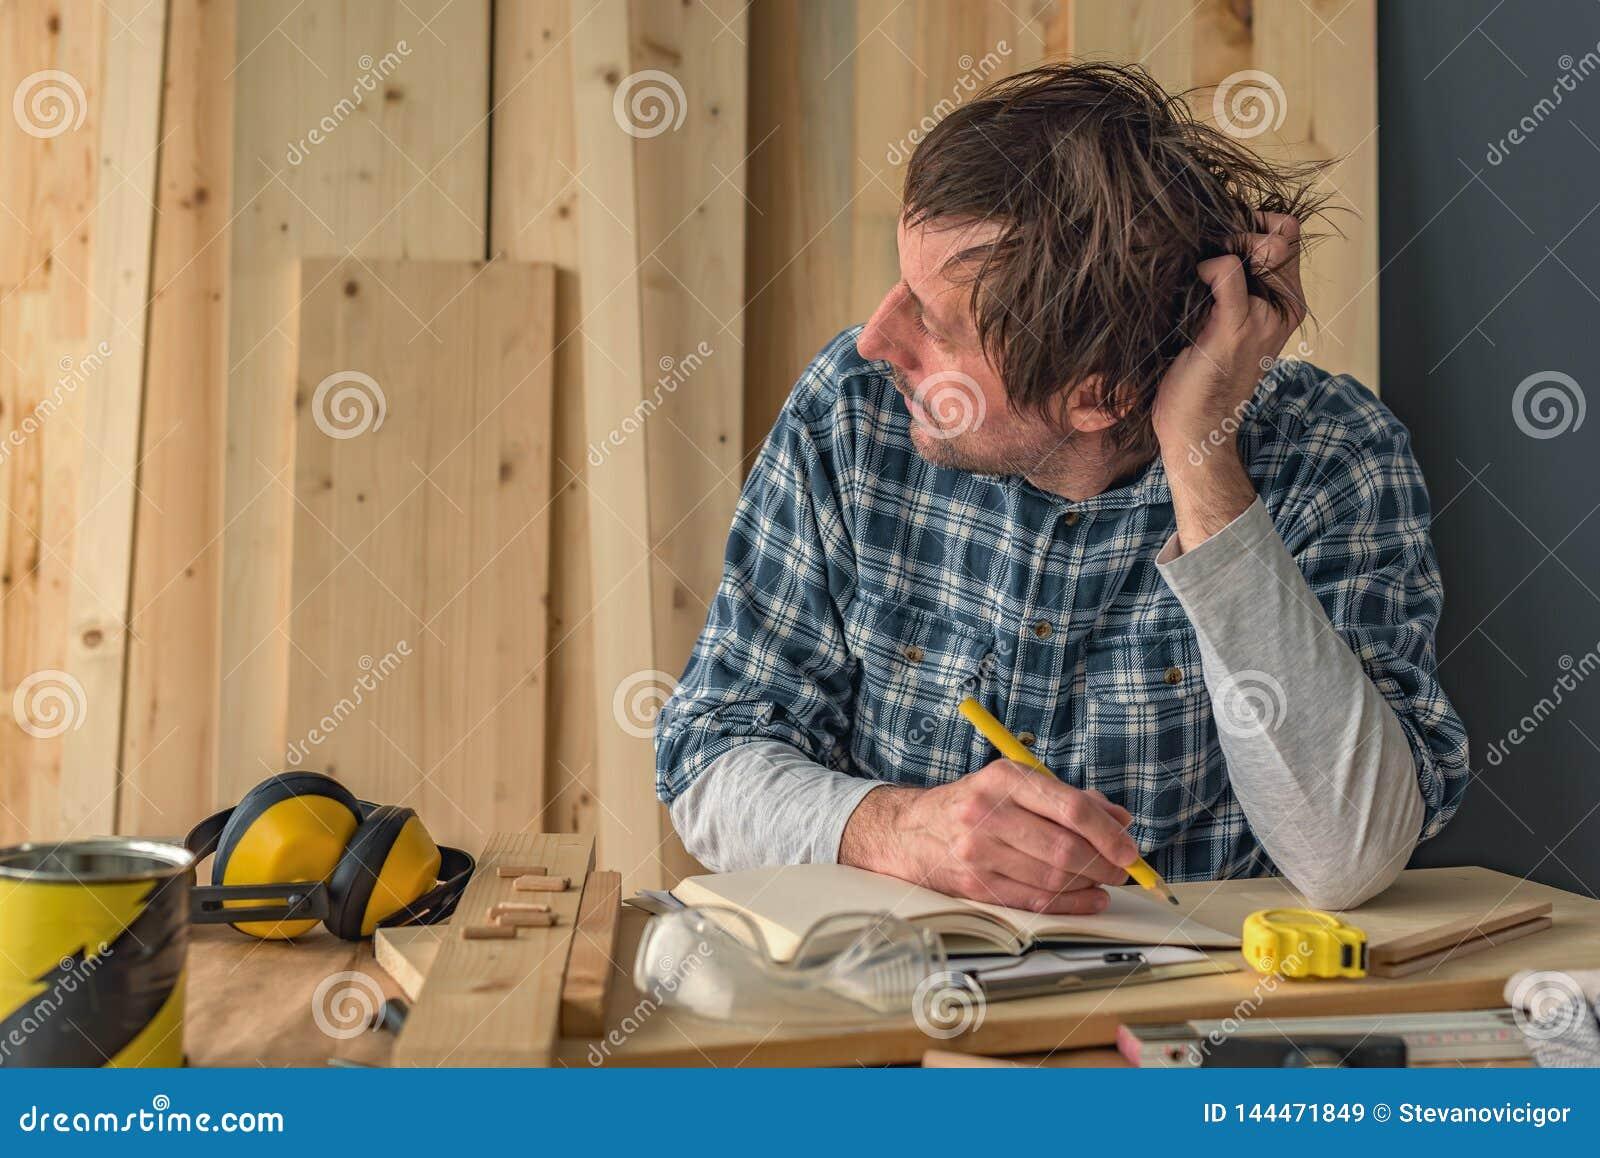 Carpintero que piensa en interior del taller de la artesanía en madera de la pequeña empresa